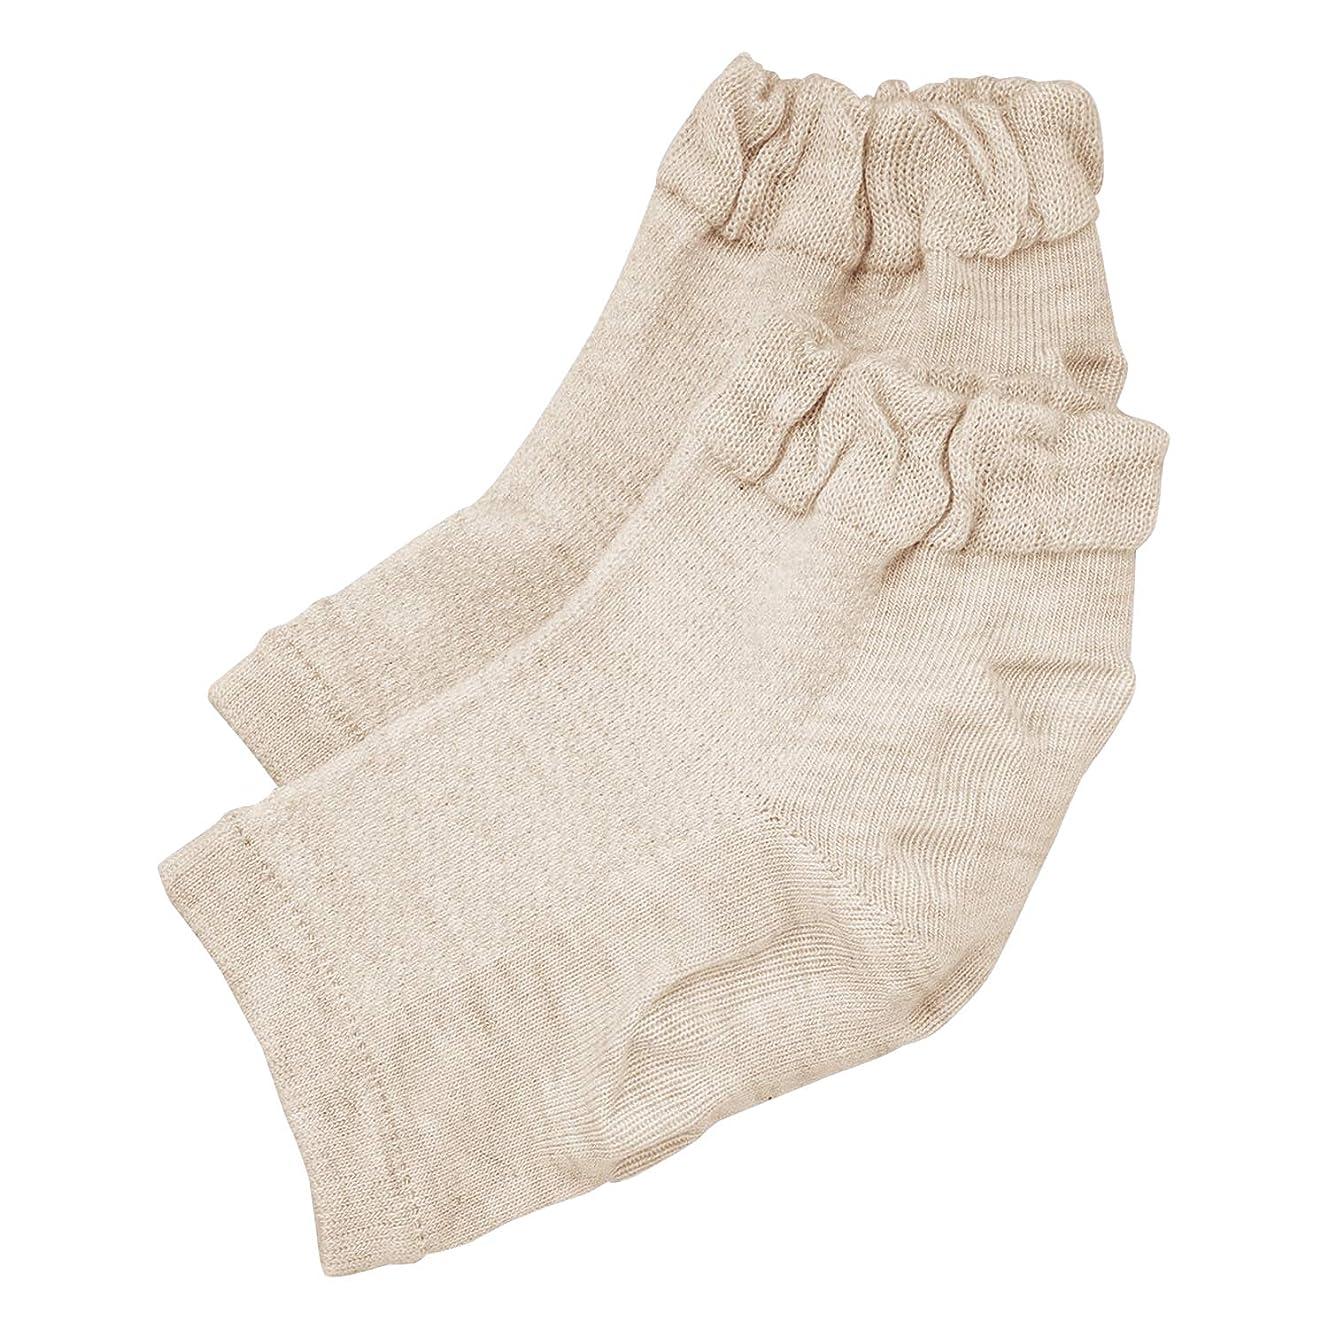 一瞬キャラバン売上高履き口ゆったりかかとつるり ケア 靴下 ガサガサ 保湿